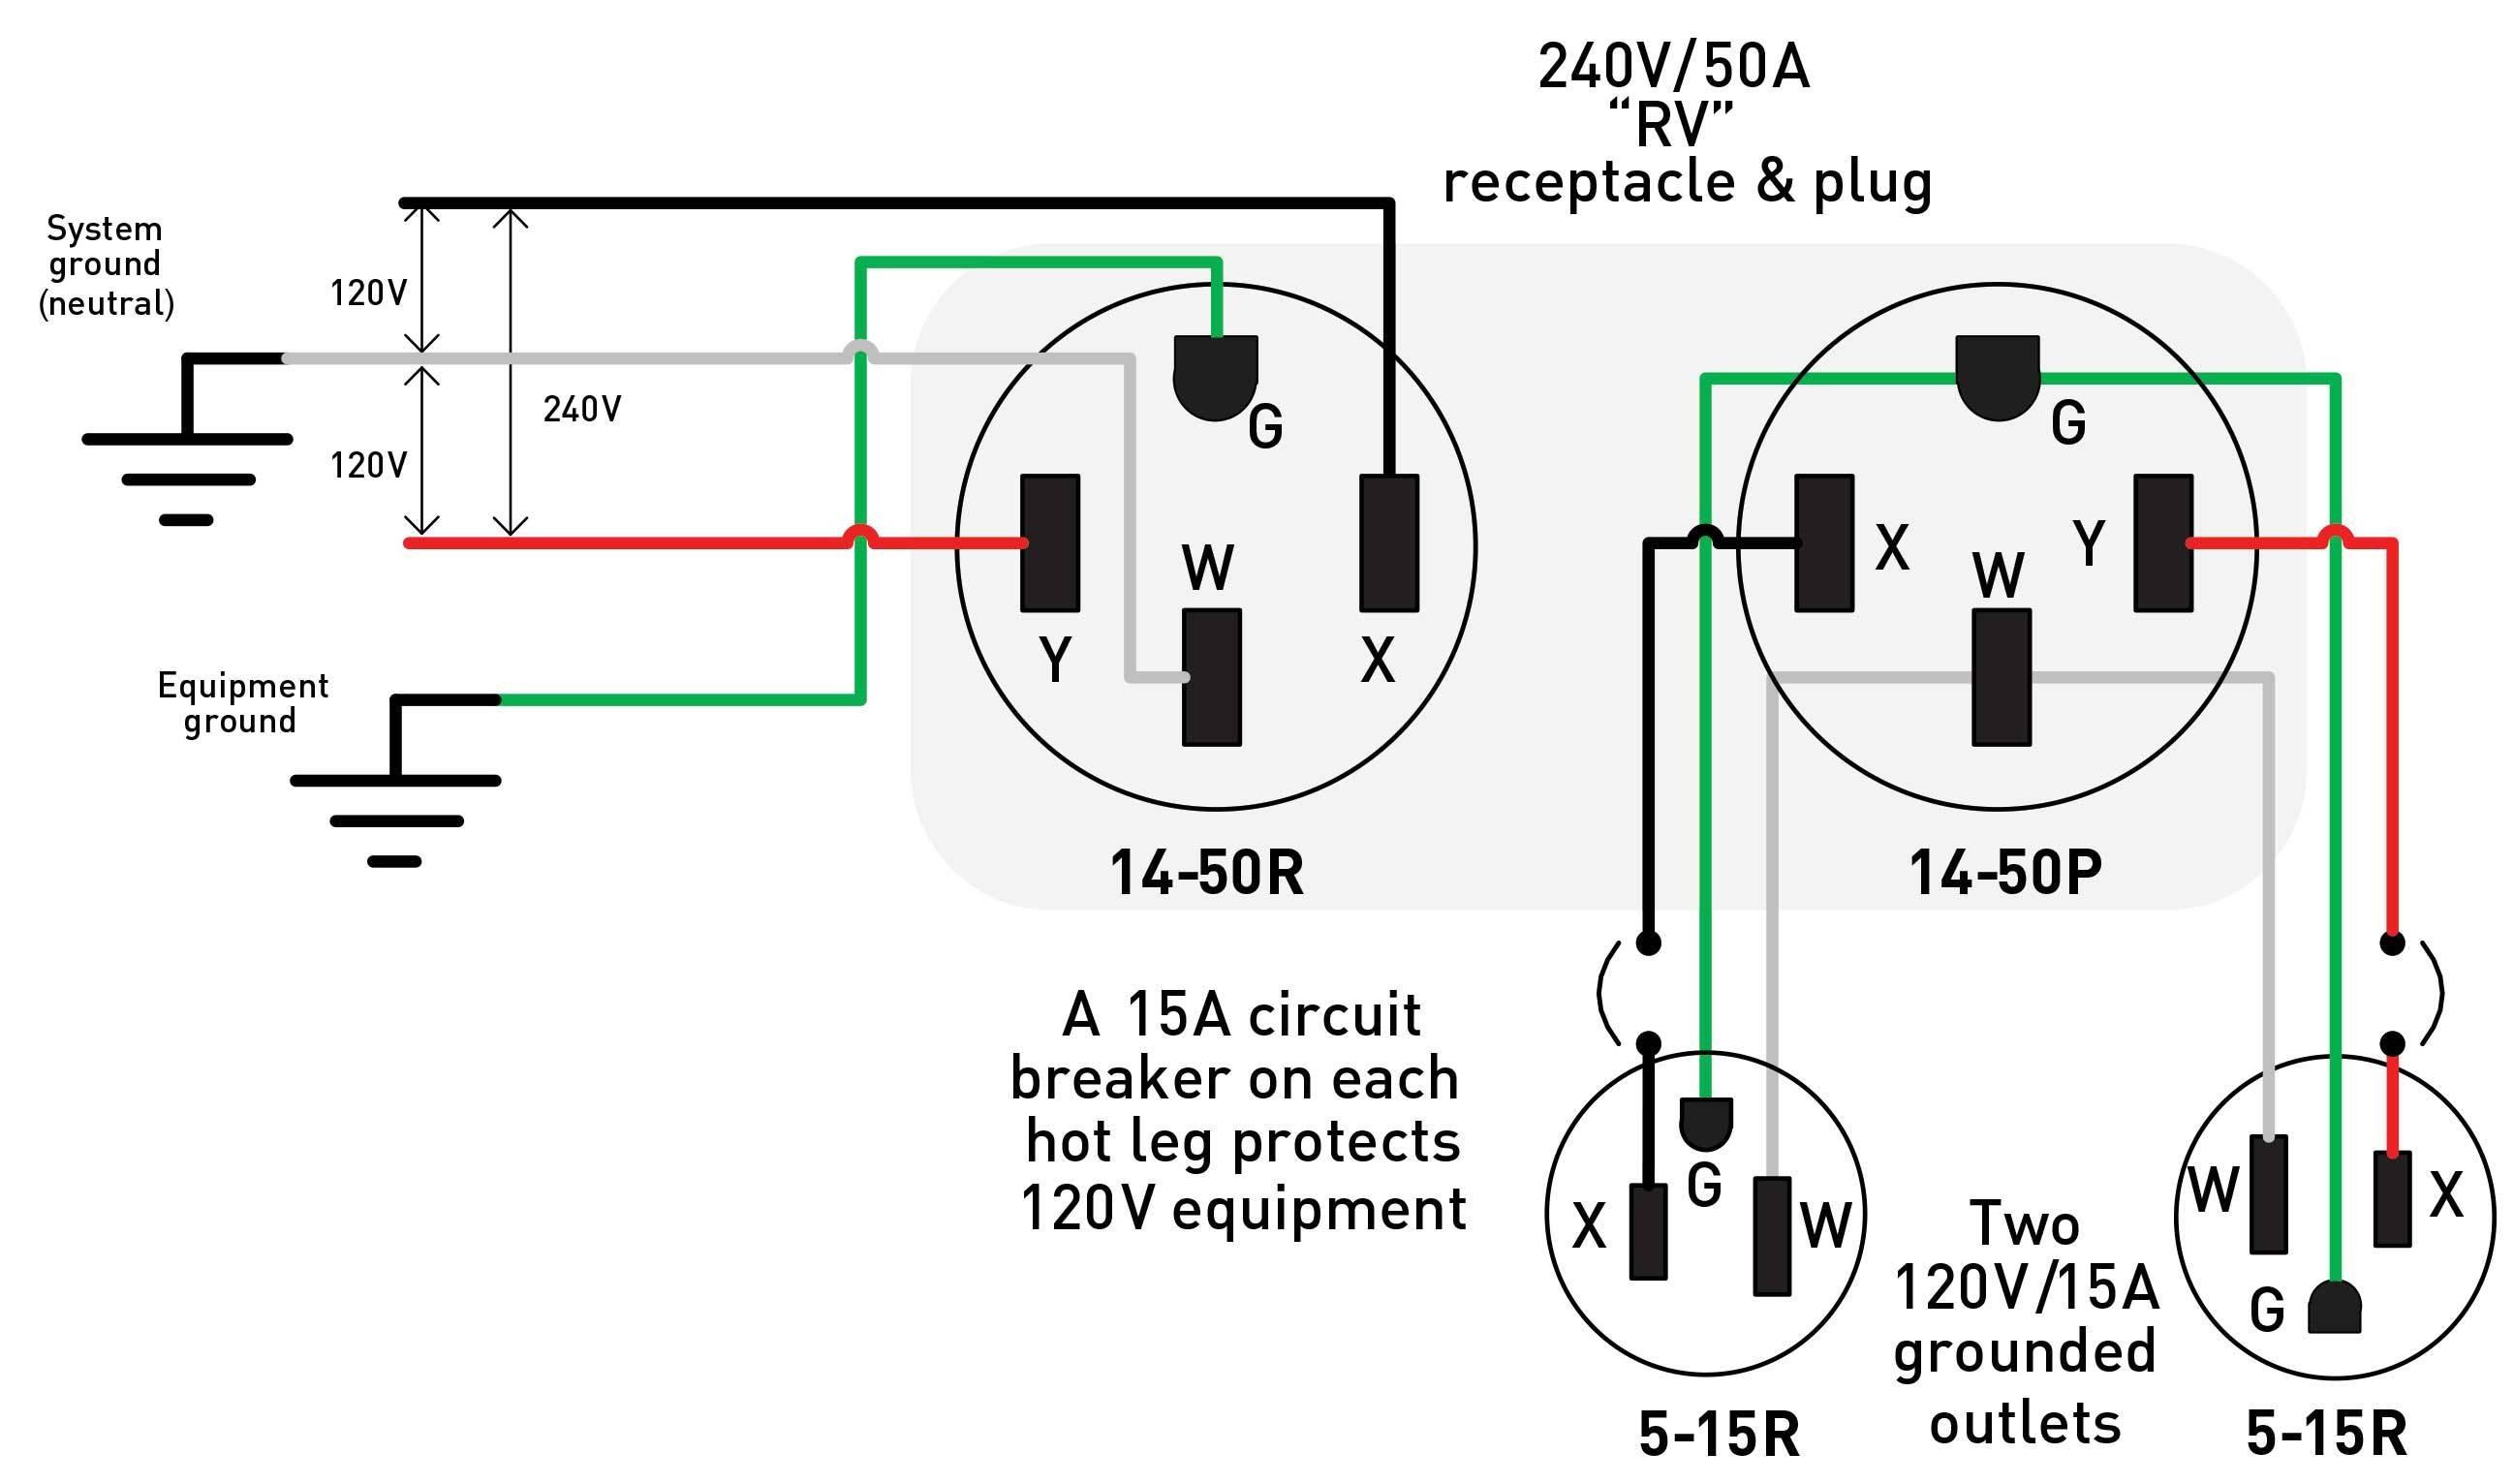 240V Wiring Male Plug - Wiring Diagram Data - 240V Plug Wiring Diagram